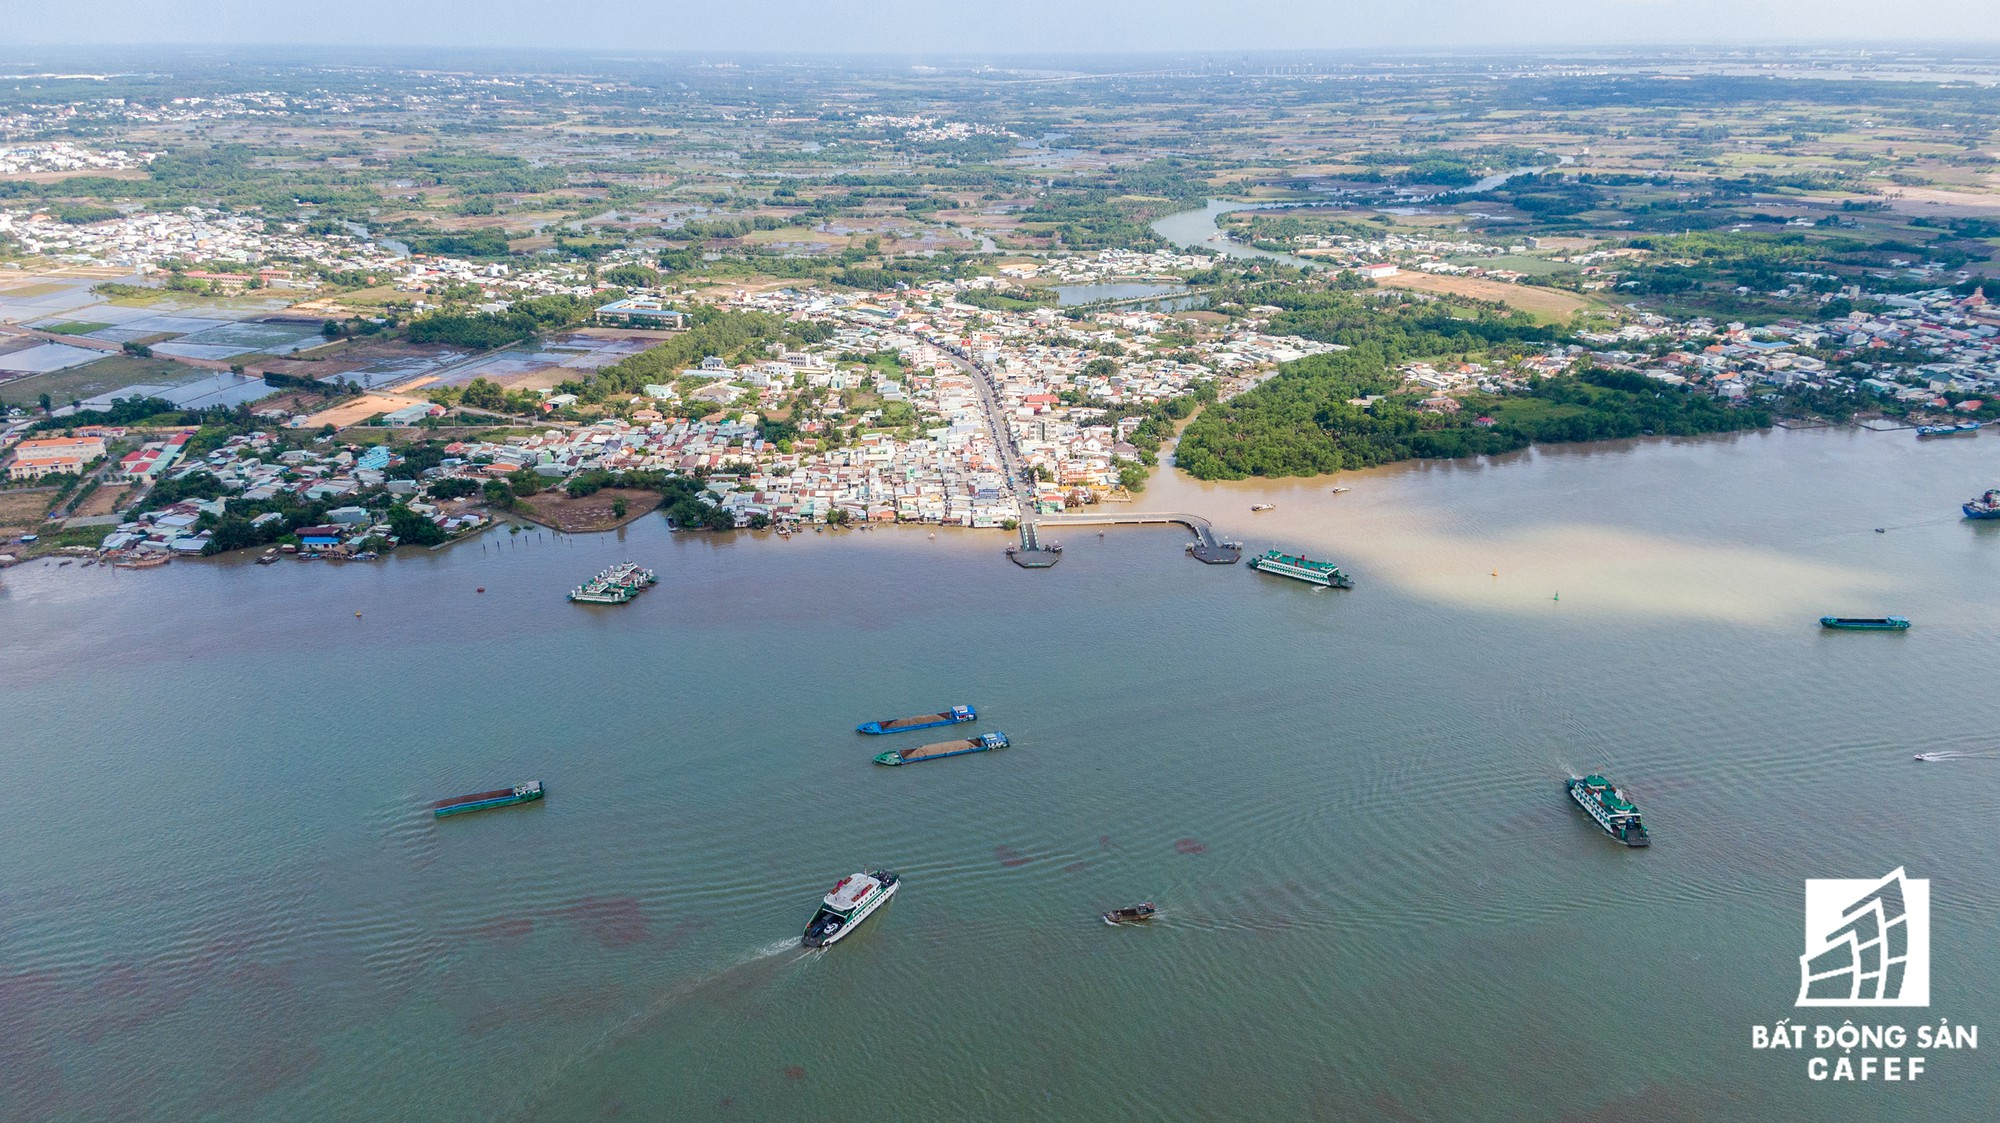 Đồng Nai chốt phương án xây cầu Cát Lái nối Nhơn Trạch và TP.HCM, bức tranh thị trường bất động sản thay đổi chóng mặt - Ảnh 3.